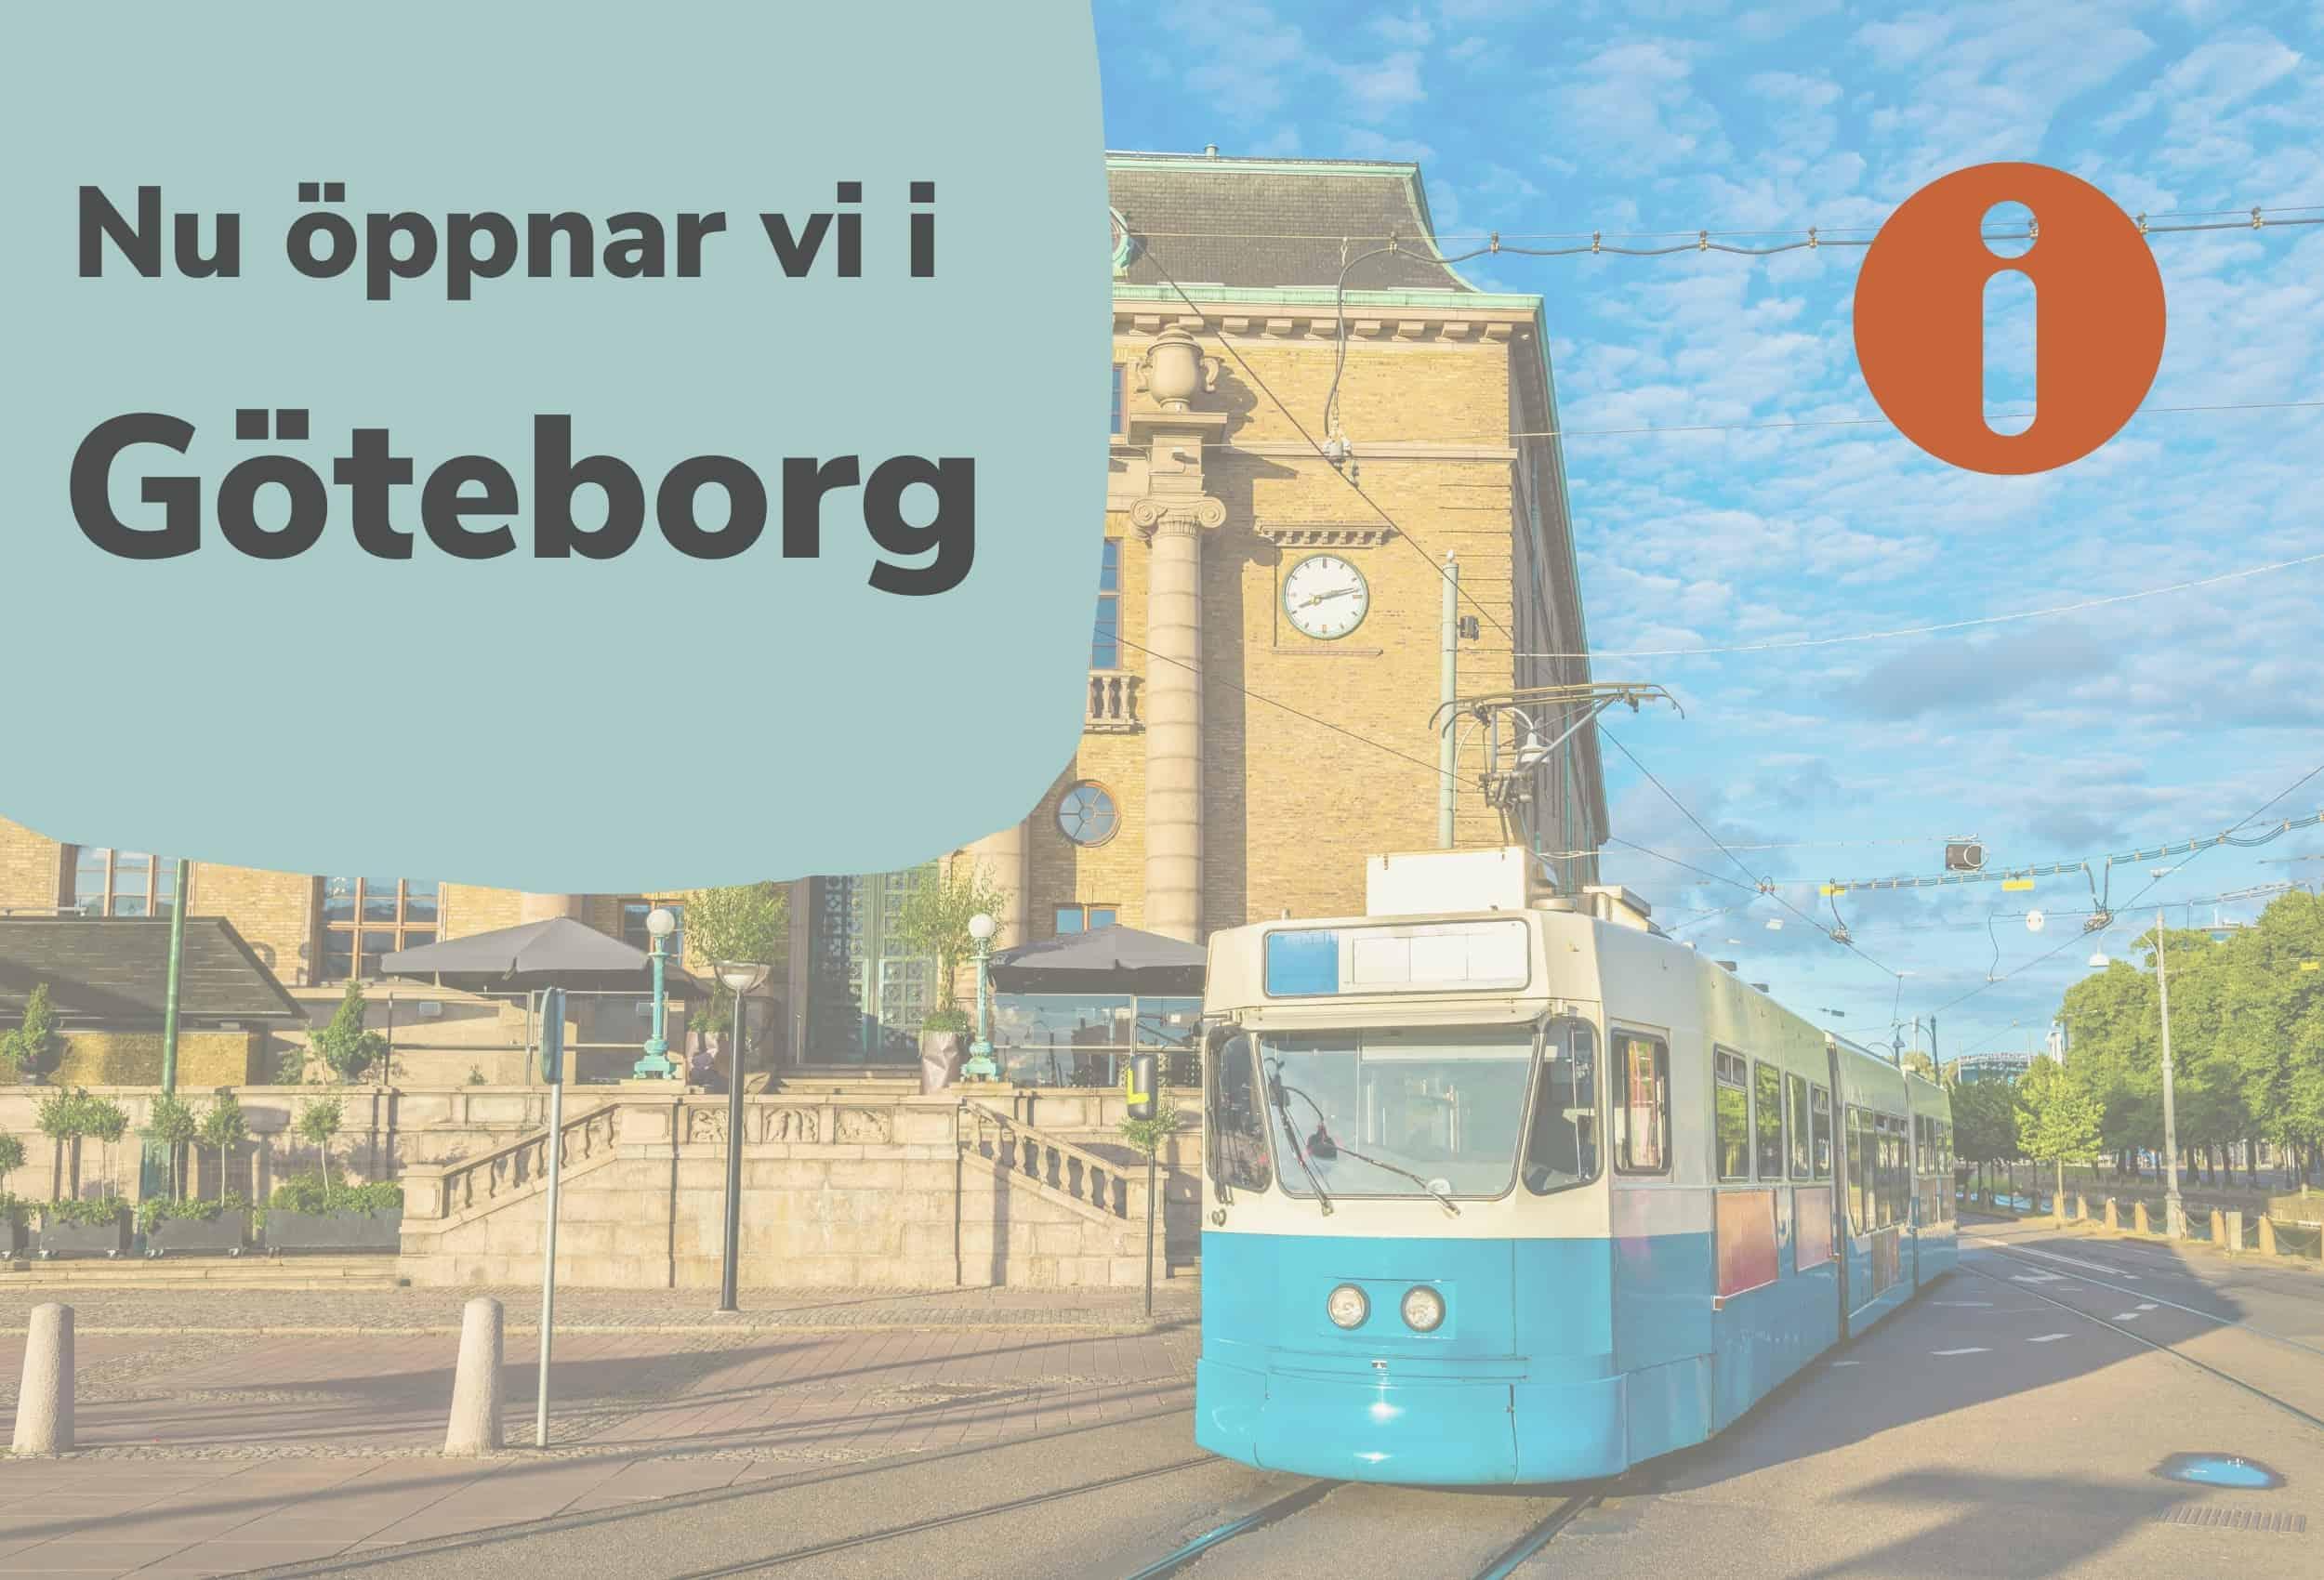 Göteborg klinik bild nyhetsartikel